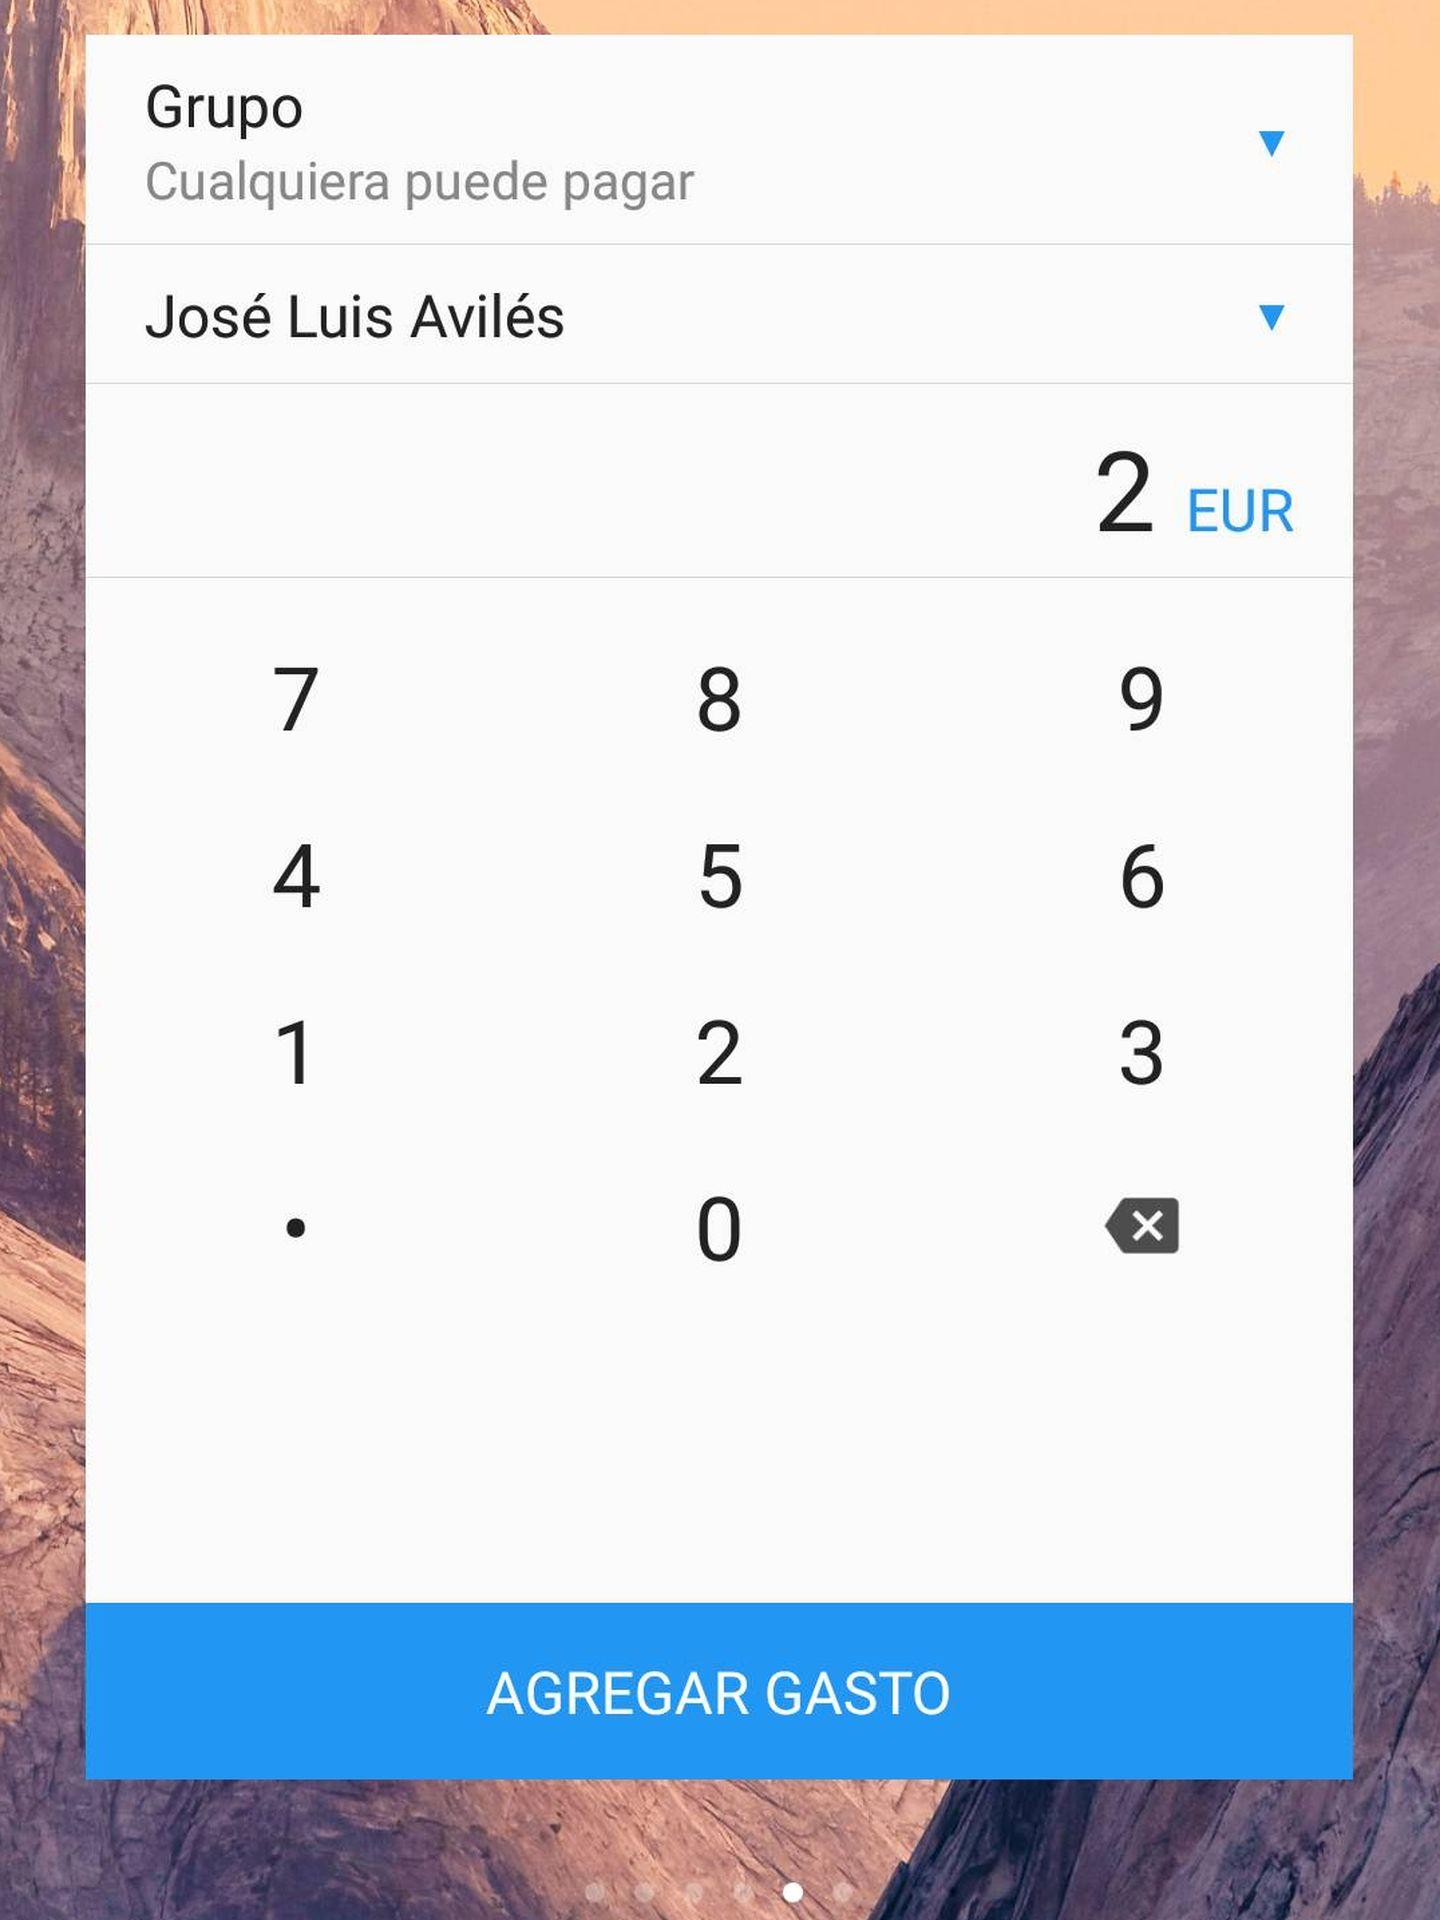 Una de las ventajas de Settle Up es el widget que podemos tener en la pantalla de nuestro teléfono móvil (Fuente: José Luis Avilés)